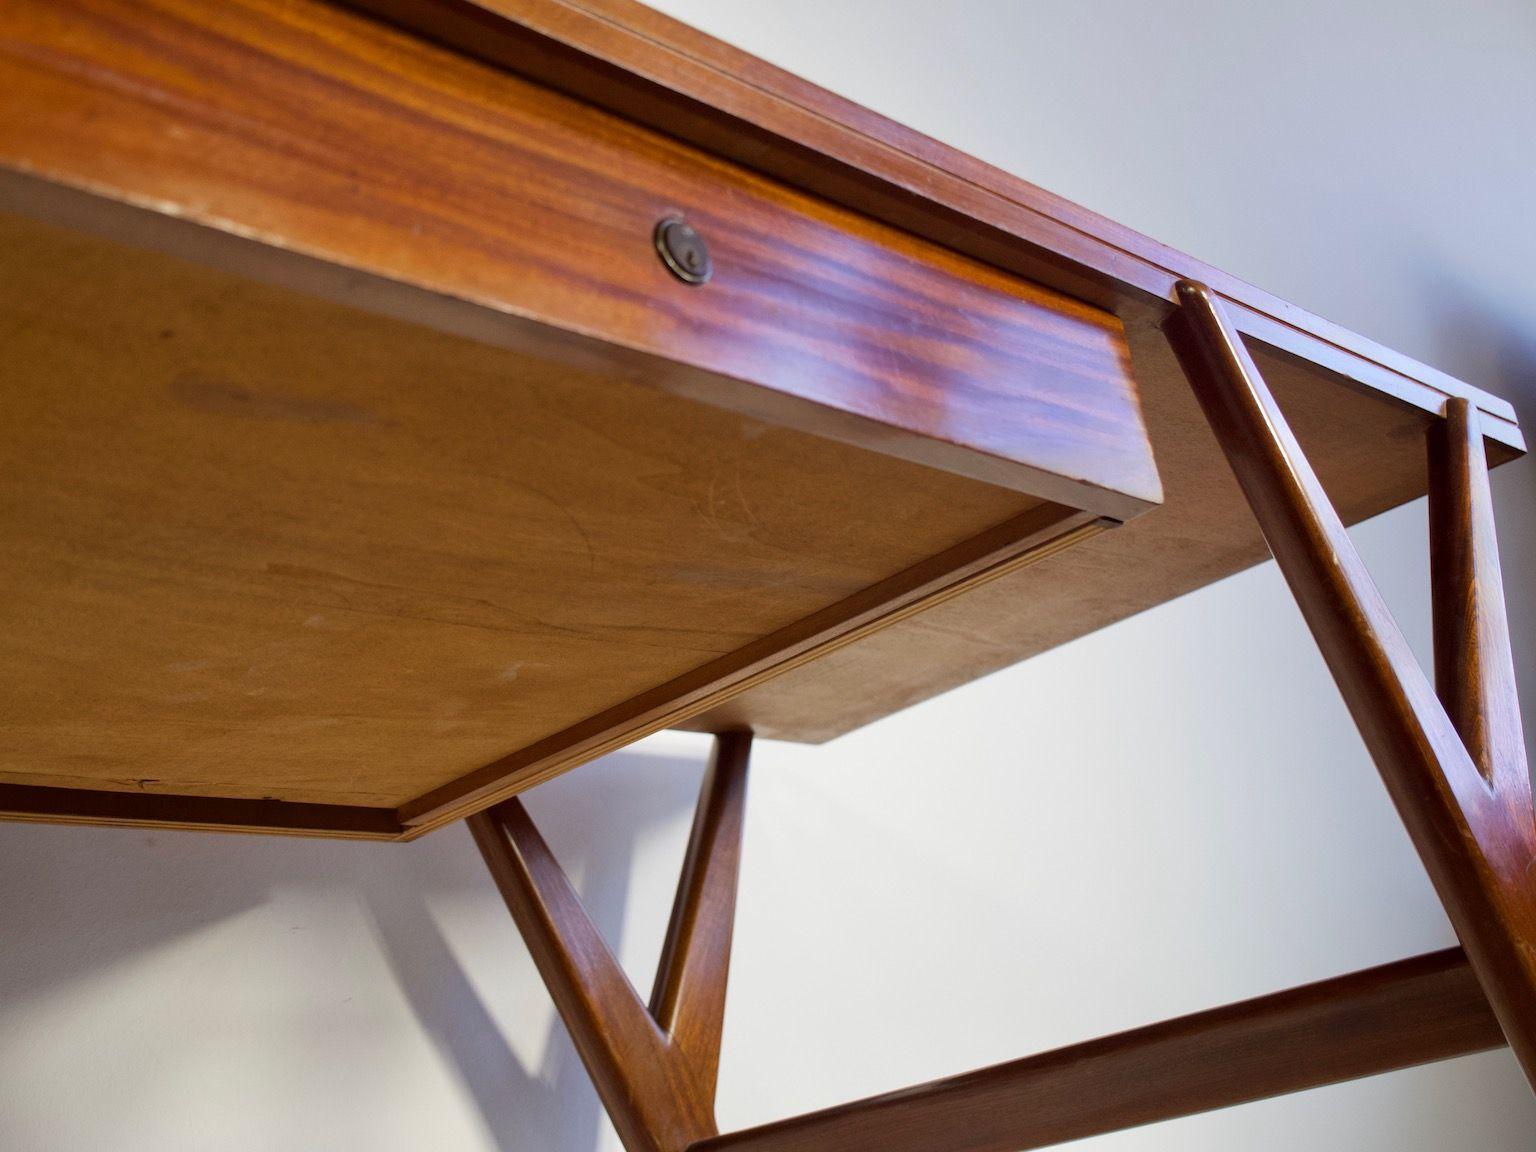 bureau ou table console en acajou avec tiroir et plateau en verre 1950s en vente sur pamono. Black Bedroom Furniture Sets. Home Design Ideas